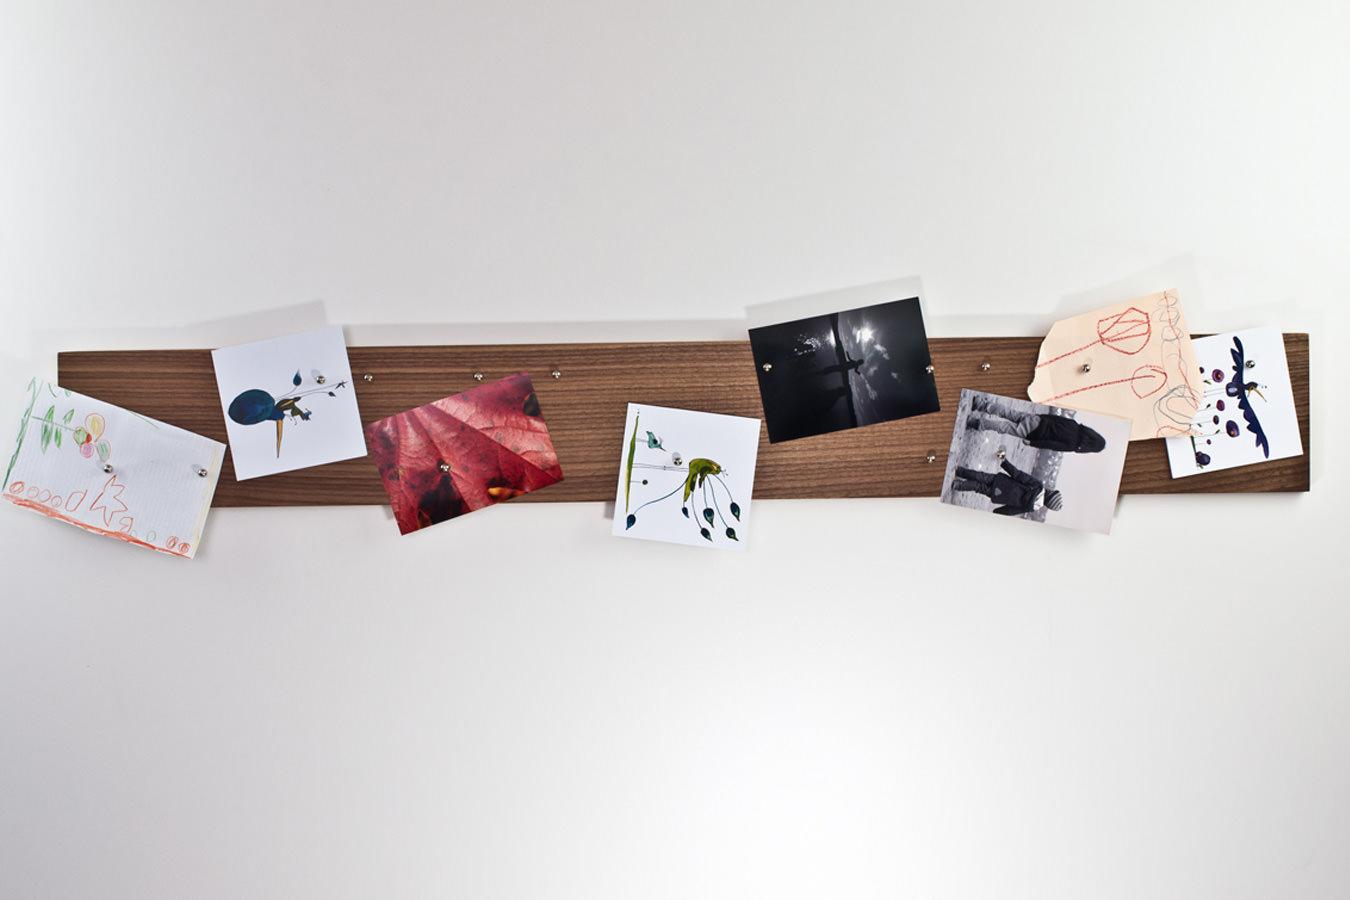 bilderleiste aus holz einfach und stilvoll dekorieren magazin klotzaufklotz exzellente. Black Bedroom Furniture Sets. Home Design Ideas